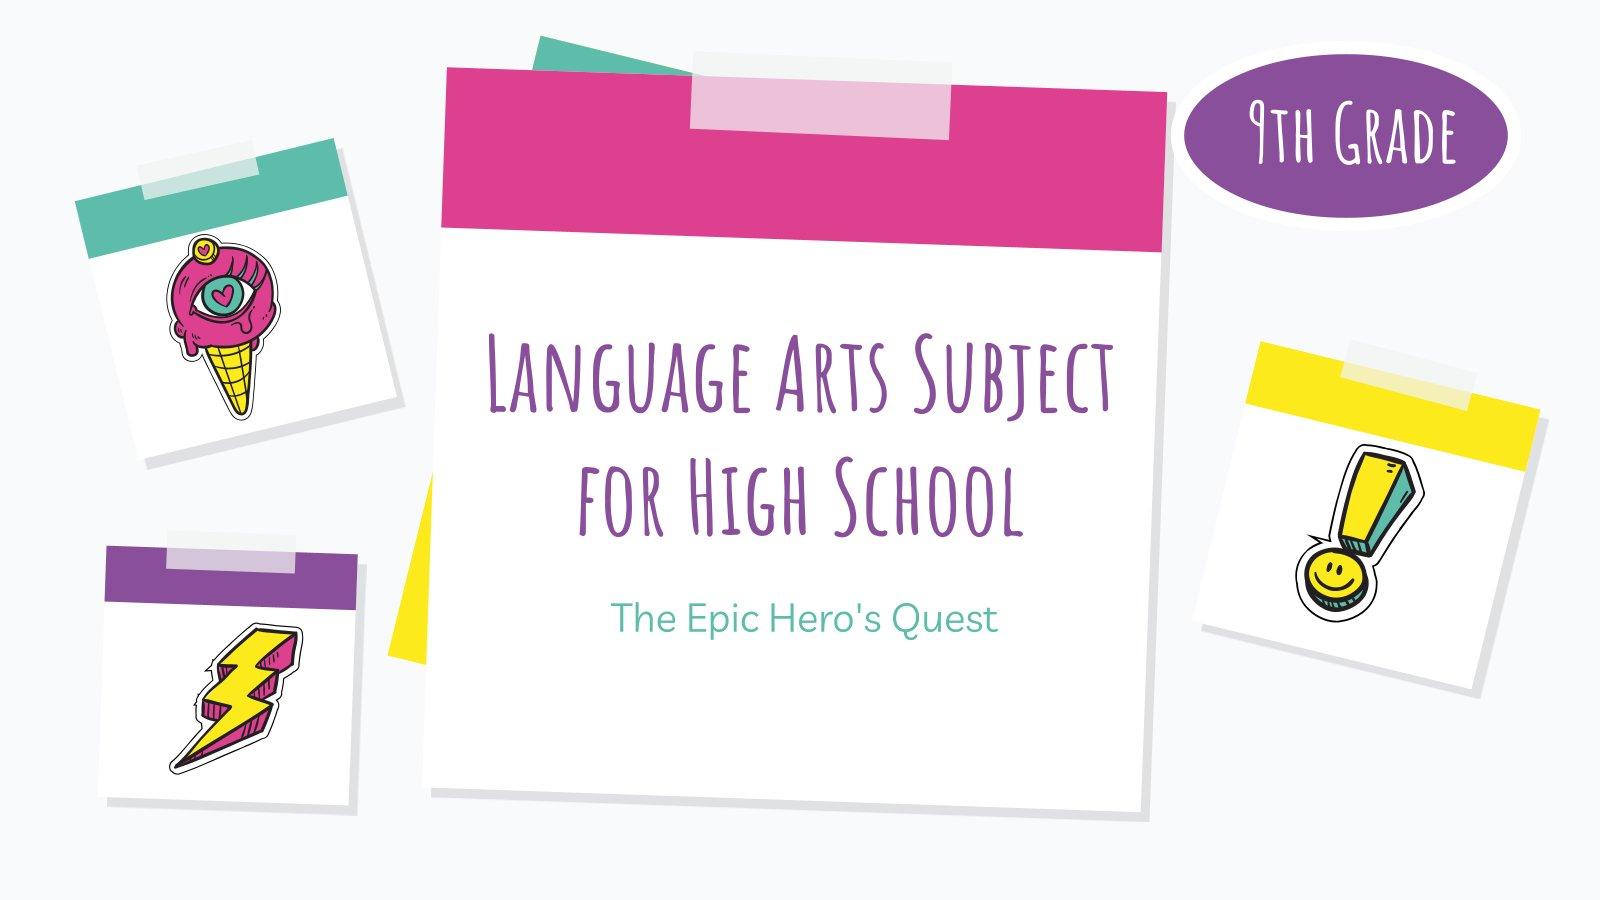 Sprache und Literatur: Das epische Abenteuer Präsentationsvorlage